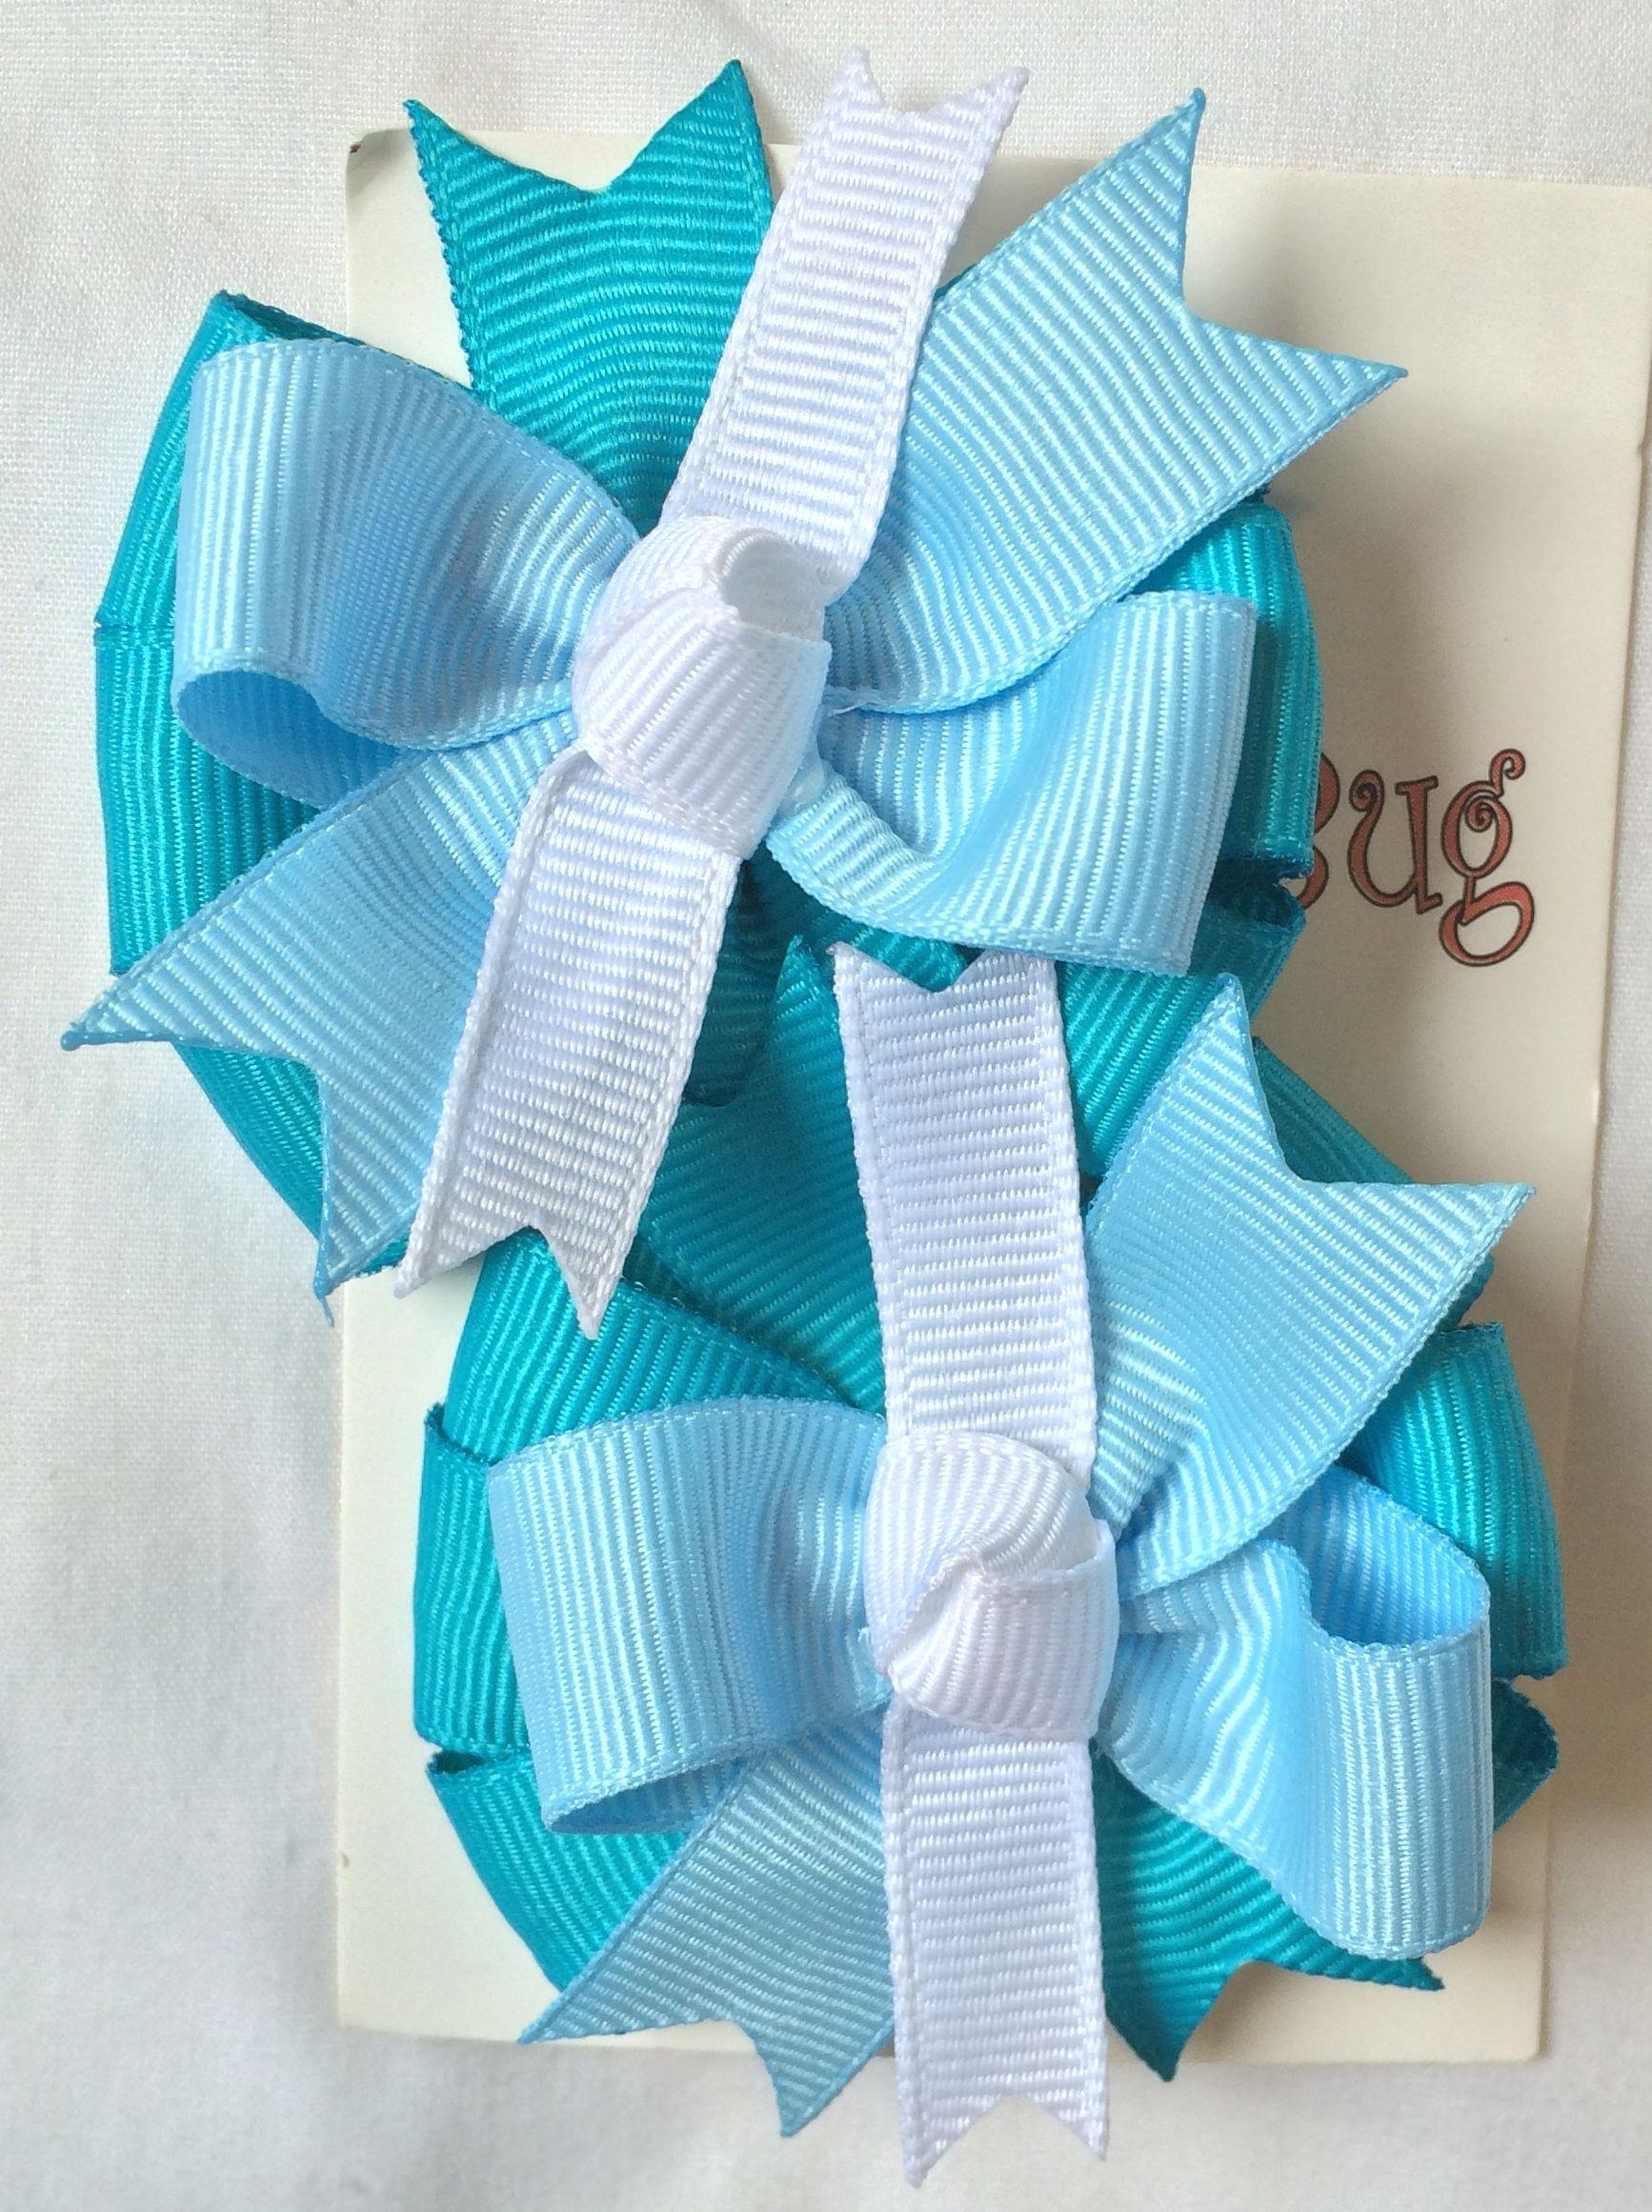 Combinación de colores claros azul blanco Precio $60